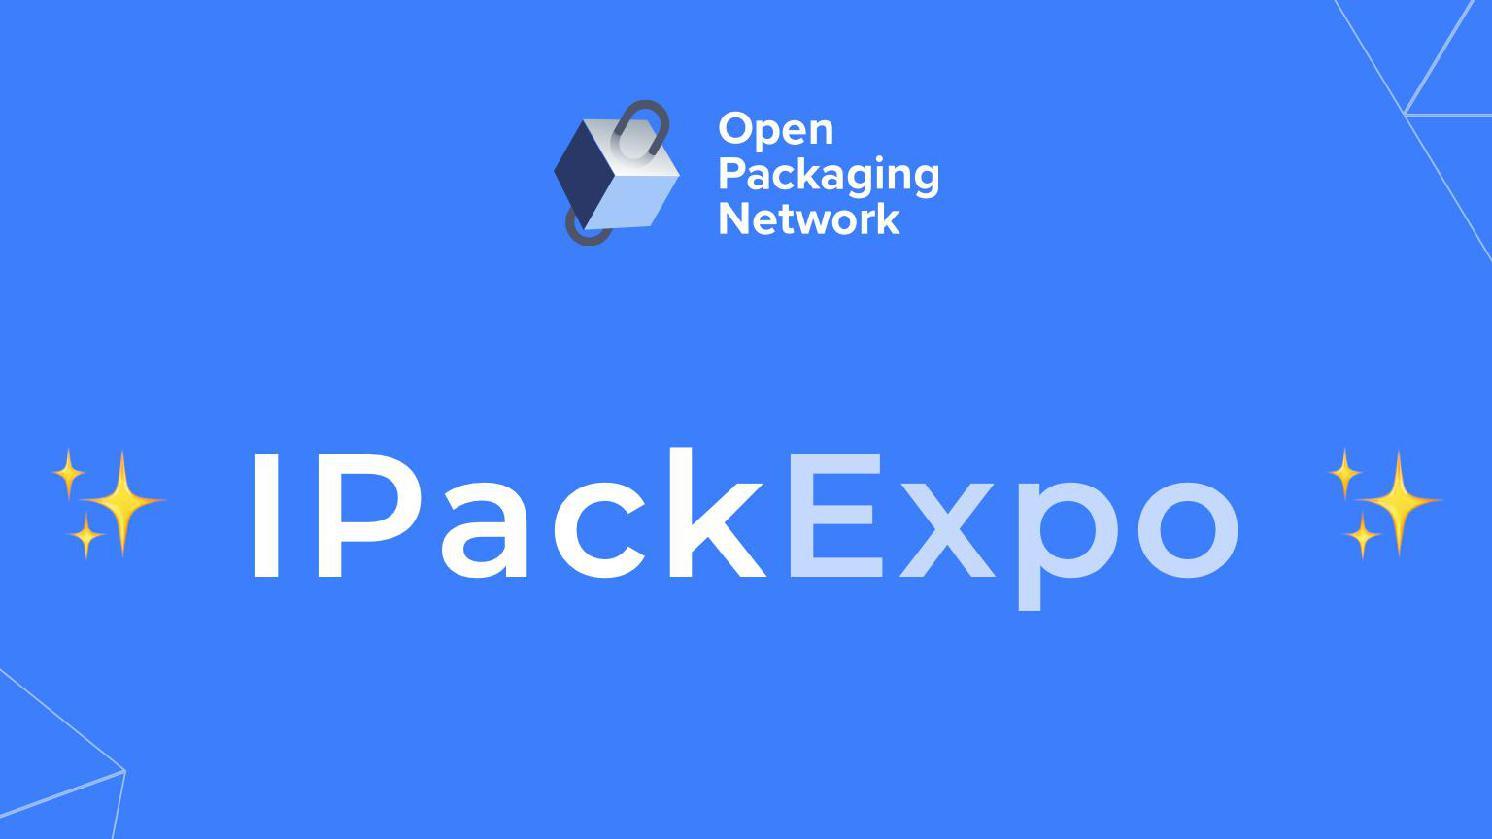 iPackEXPO - 365 Online